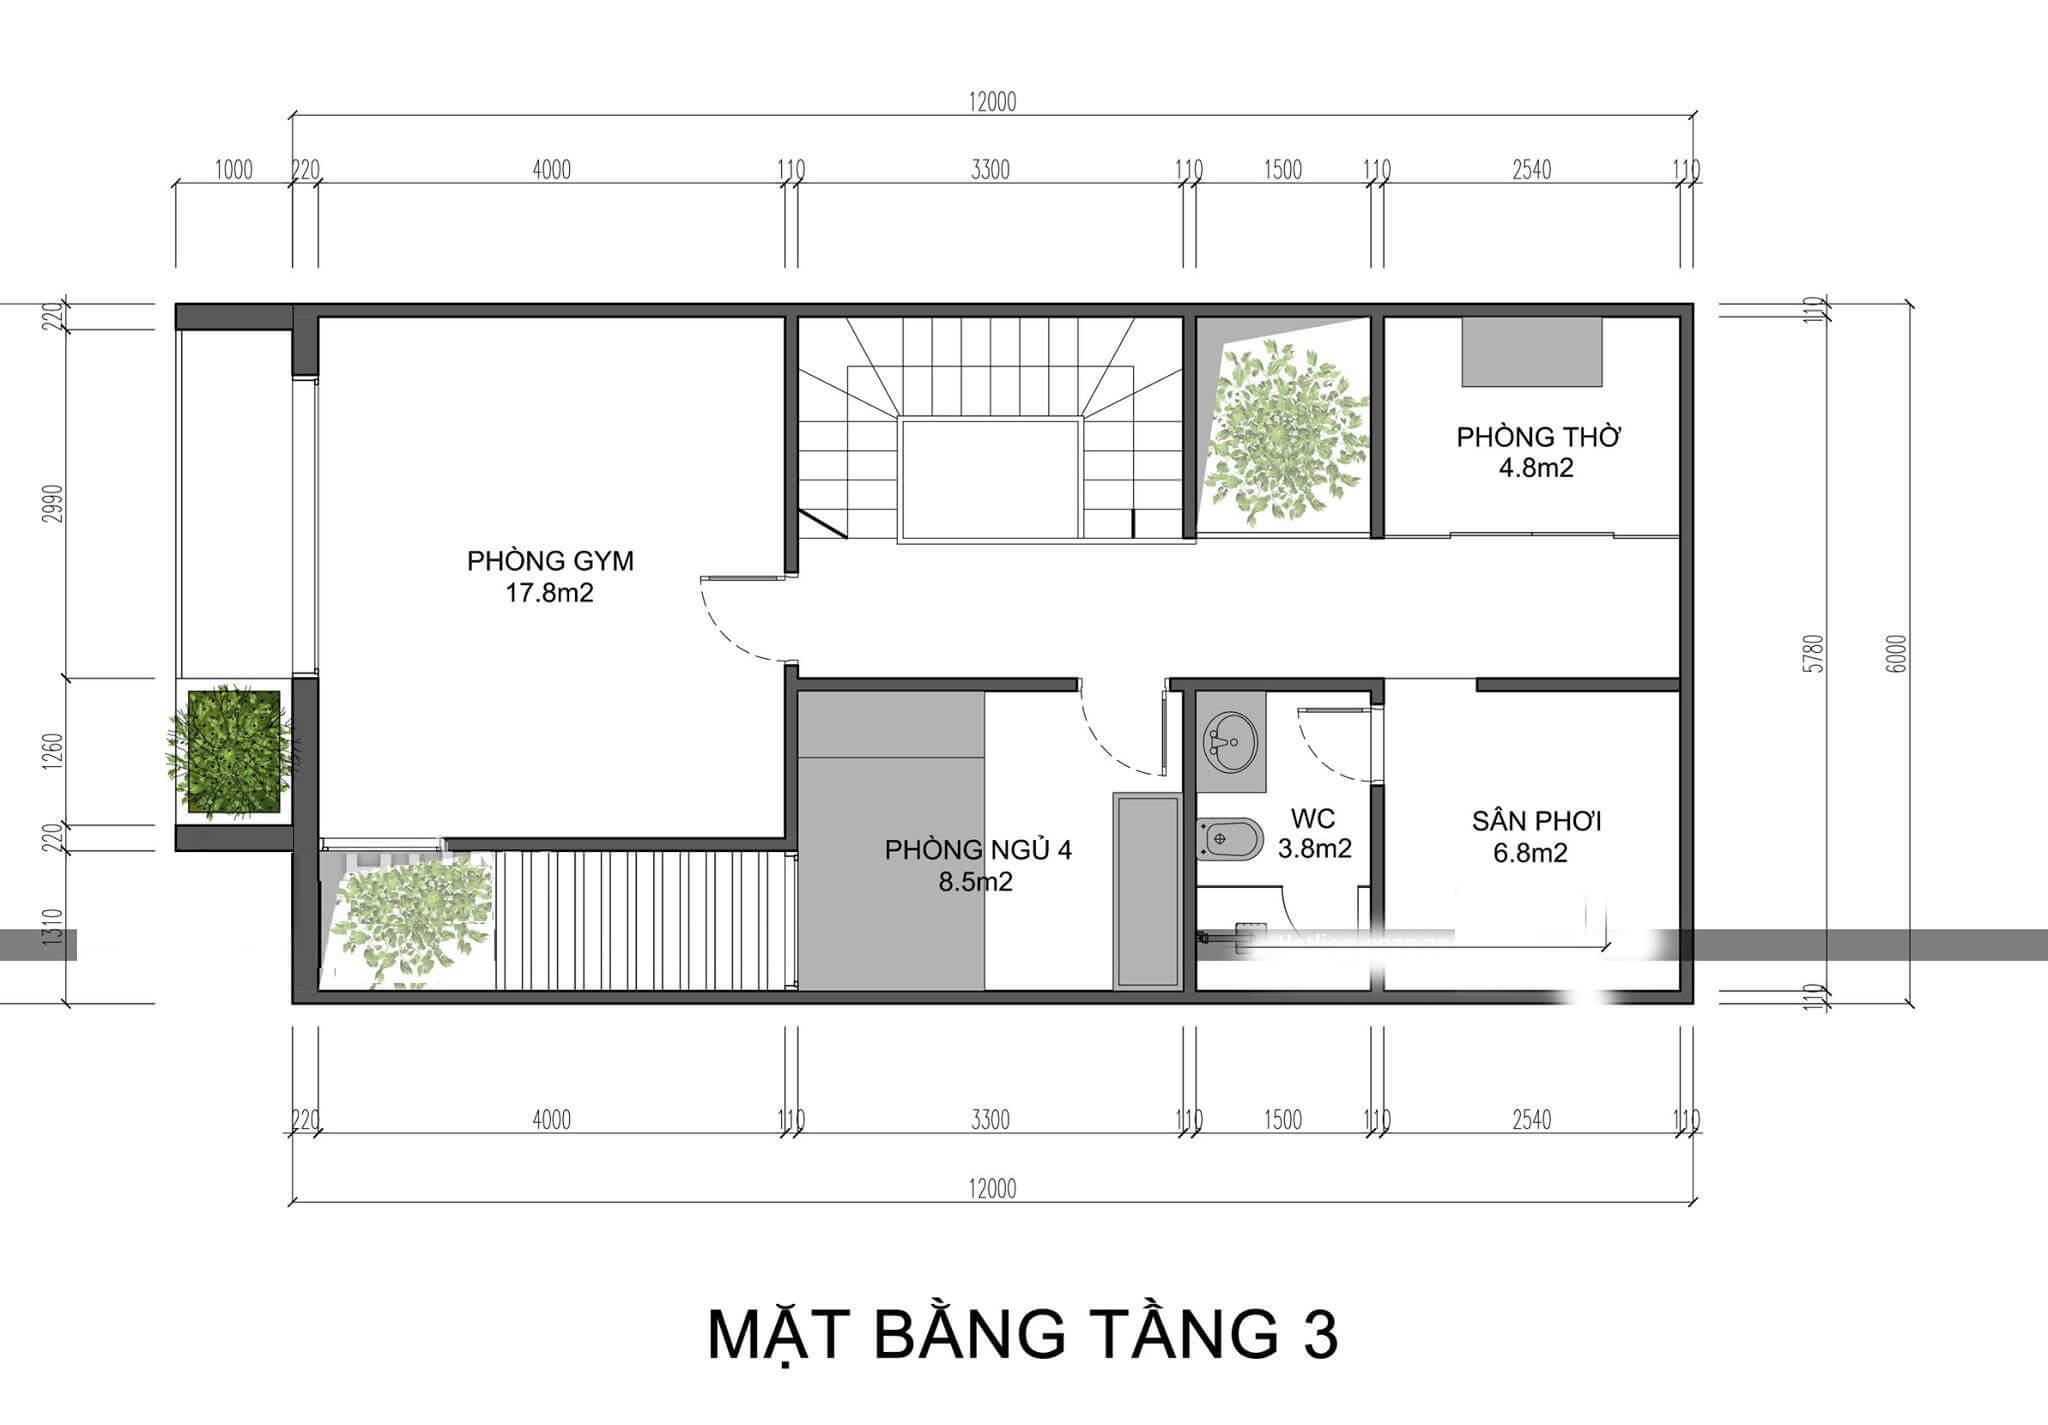 Mẫu nhà 3 tầng 4 phòng ngủ hiện đại